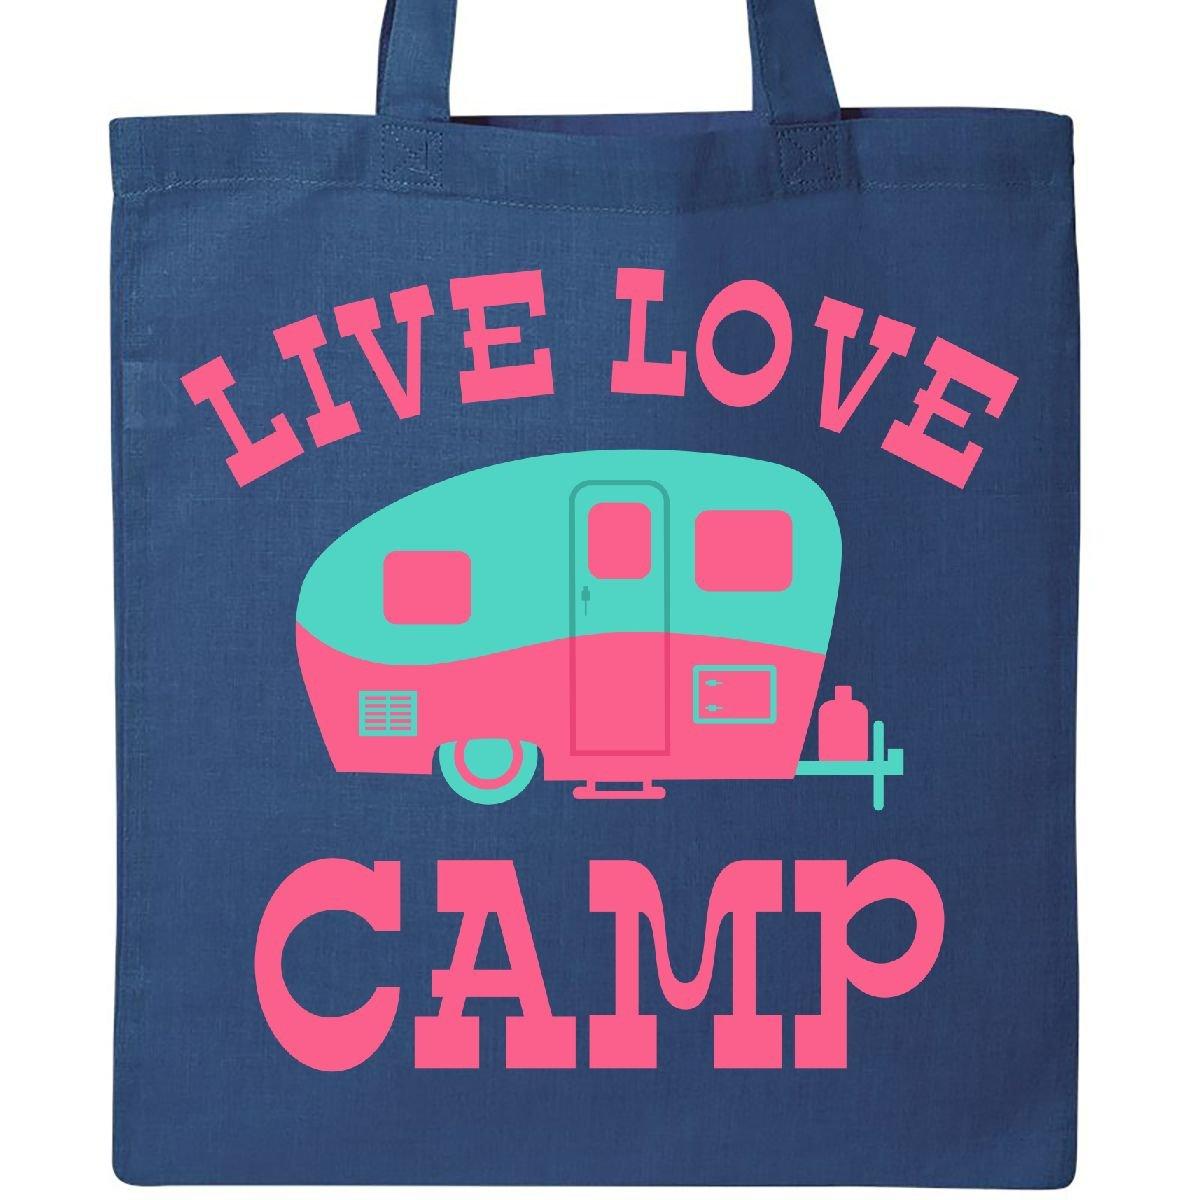 注文割引 Inktastic One – Live Love Camp RVトートバッグ One ブルー Size Size ブルー B0756KKXF7 ロイヤルブルー, ウケンソン:3848d8f7 --- h909215399.nichost.ru